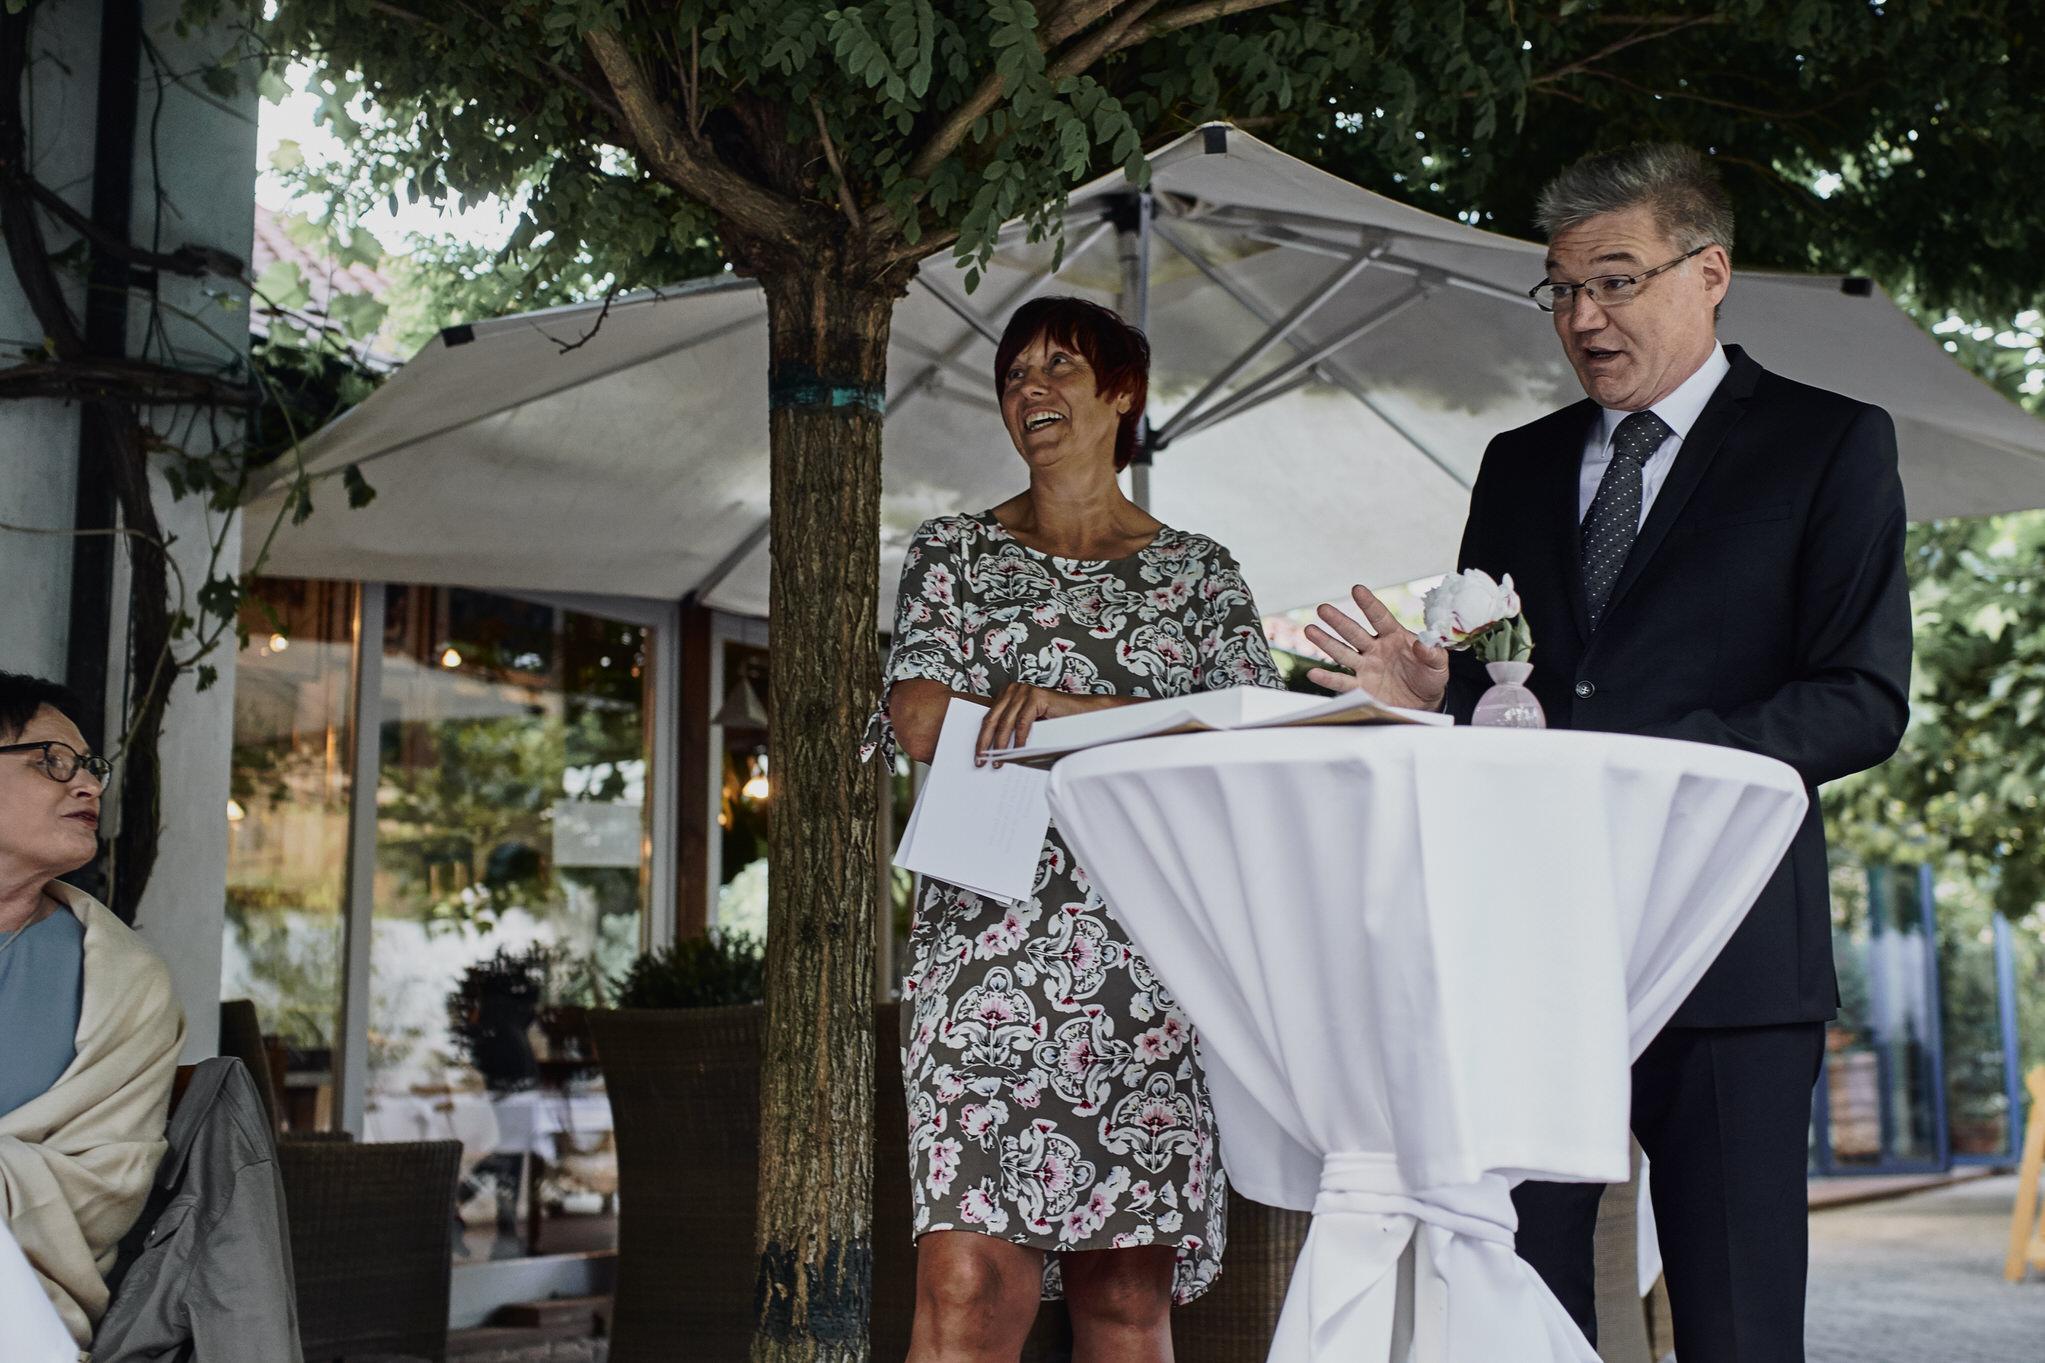 Hochzeitsbilder www.rainermoster.de